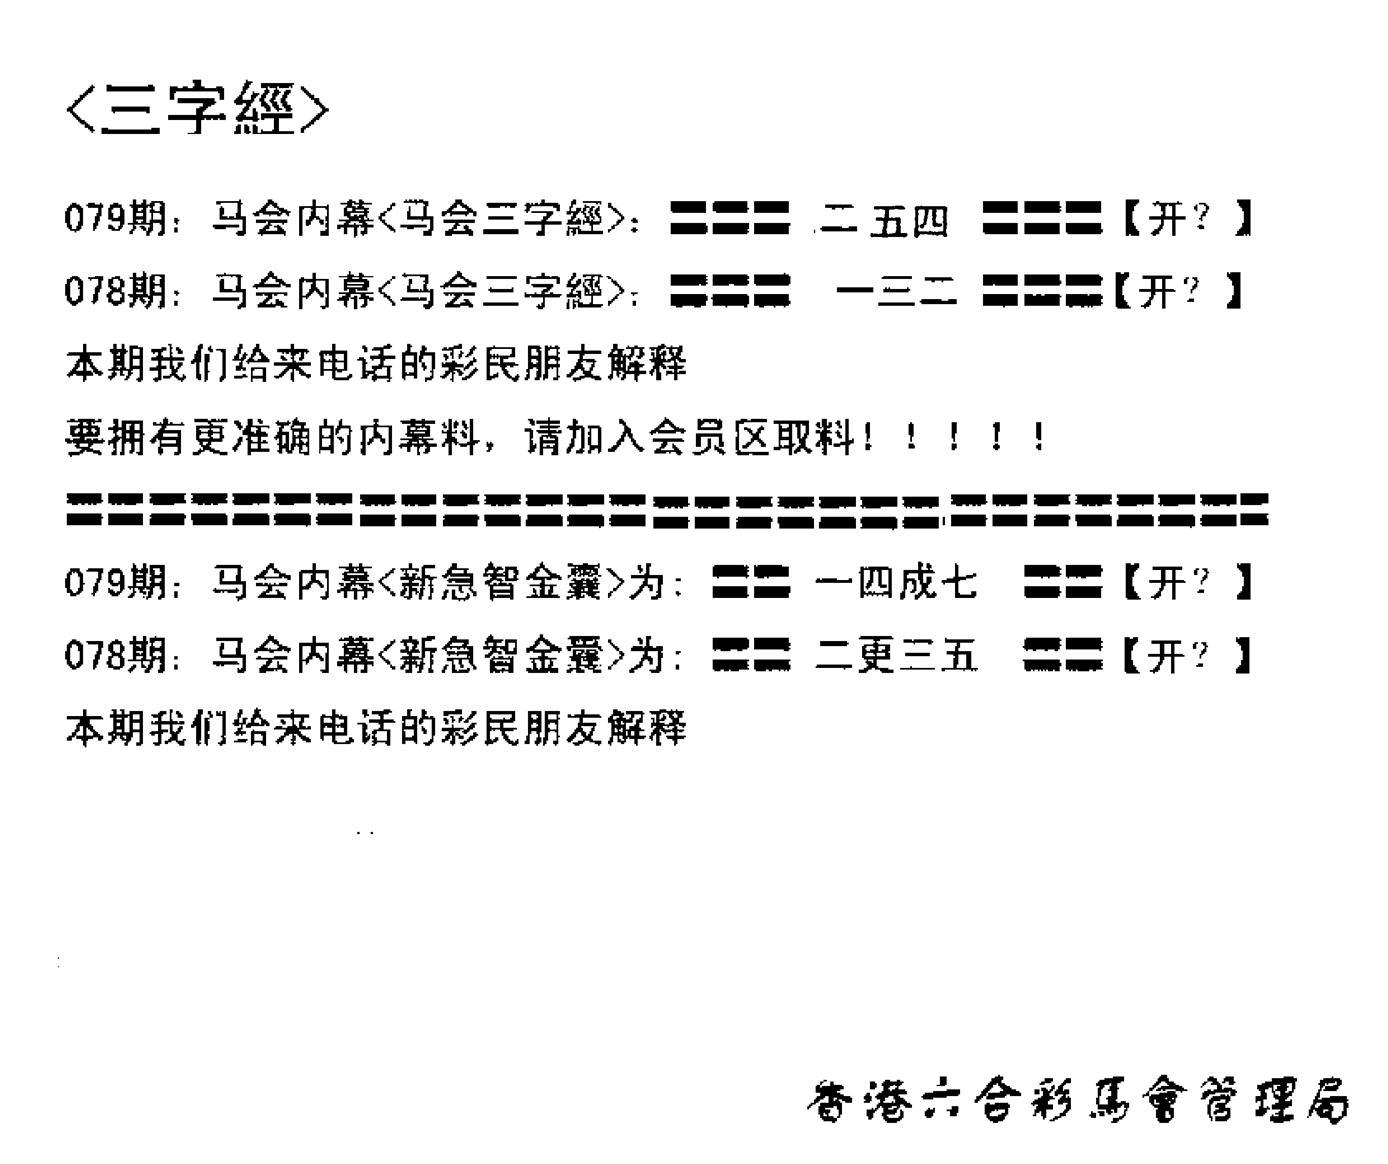 079期电脑版(早版)(黑白)